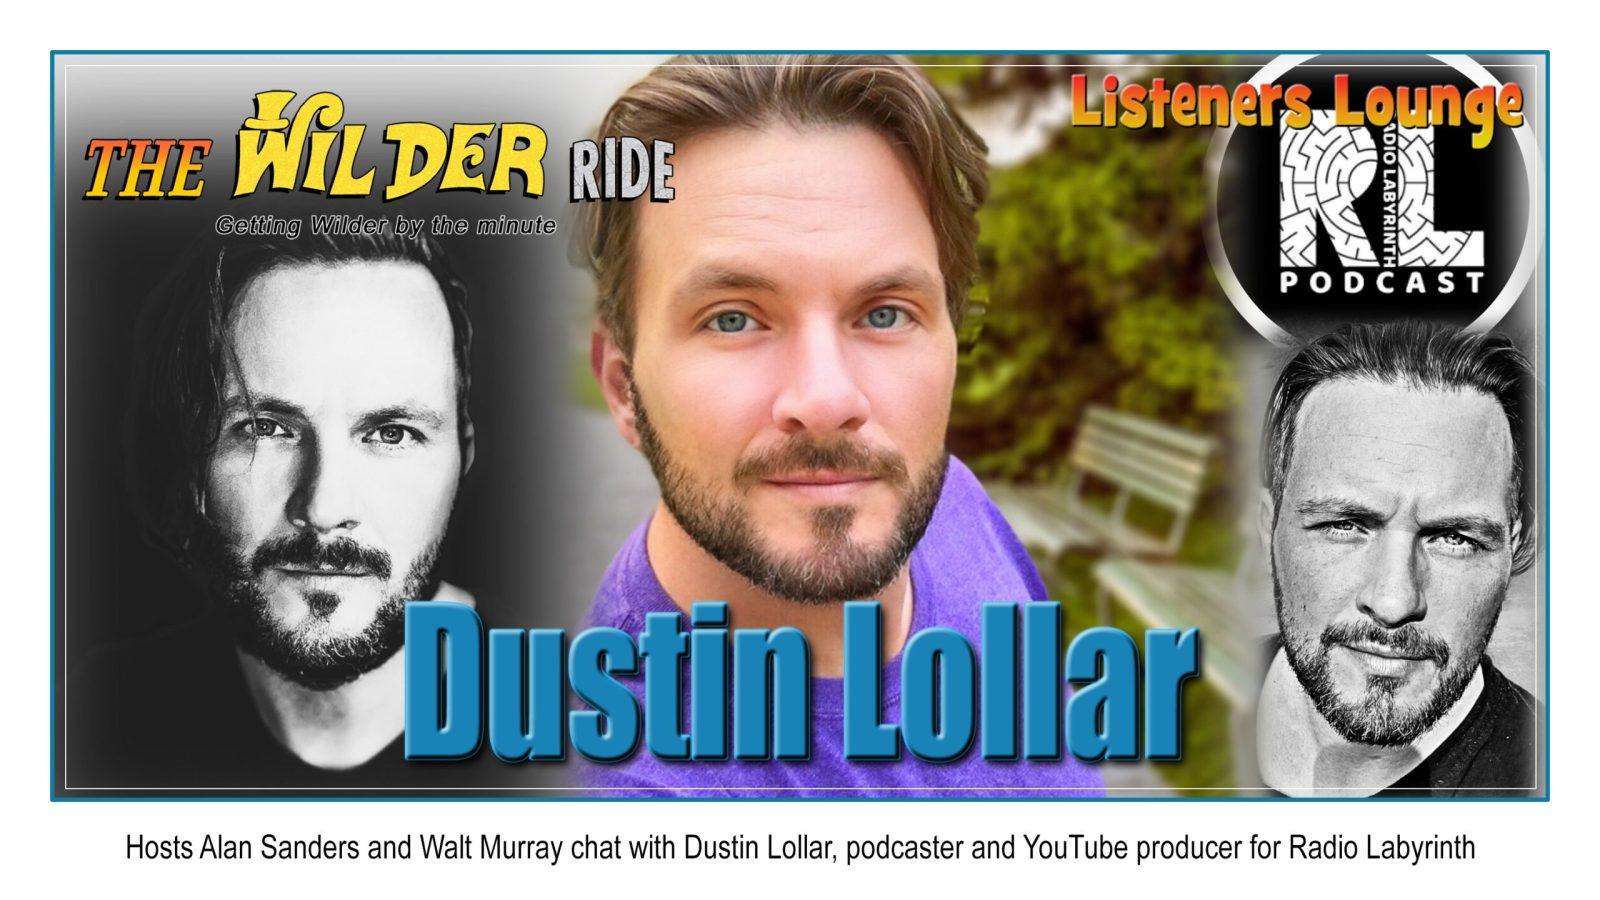 Dustin Lollar